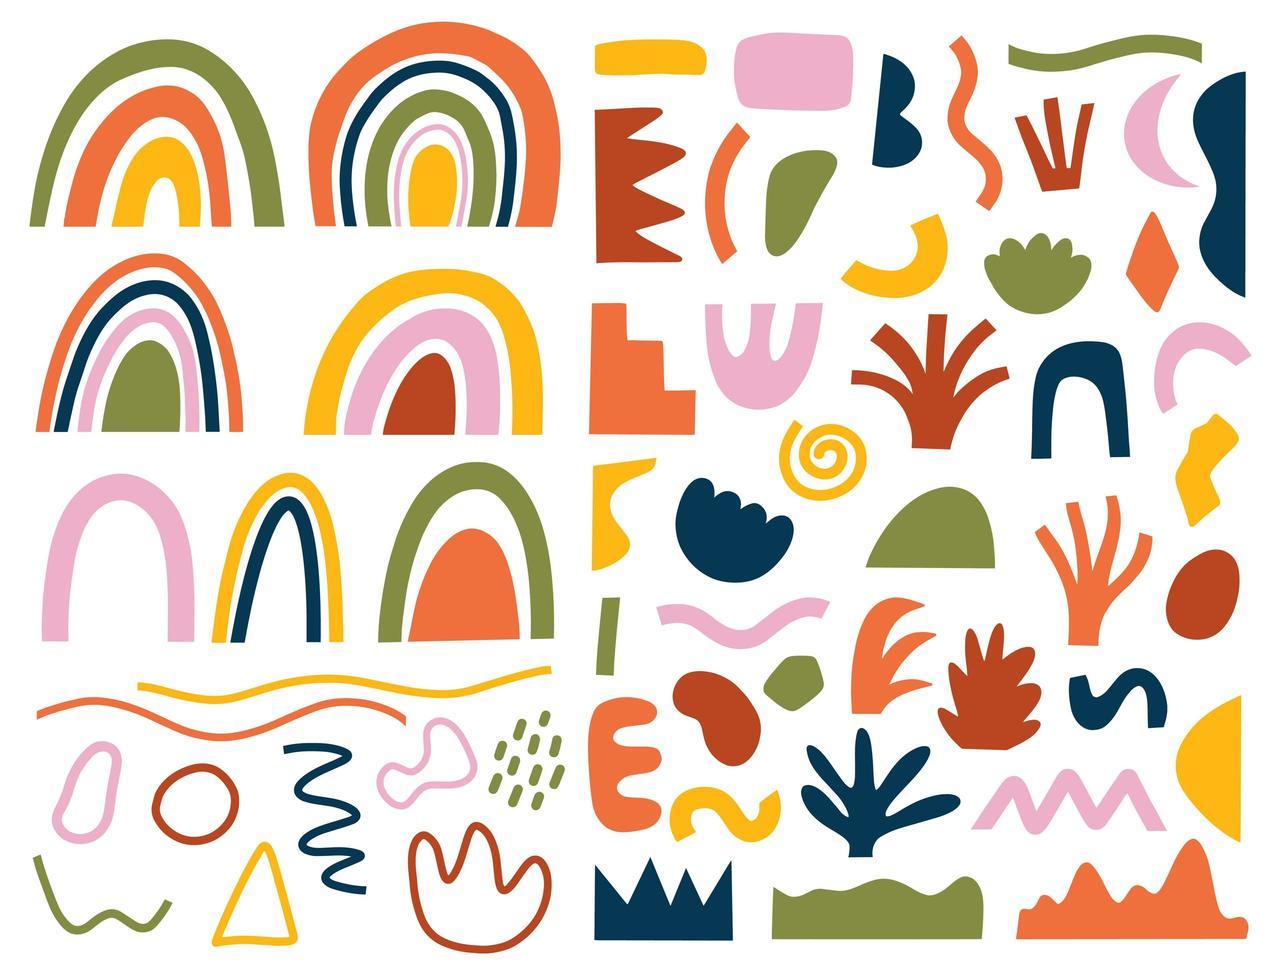 ensemble de différentes formes et griffonnages dessinés à la main vecteur